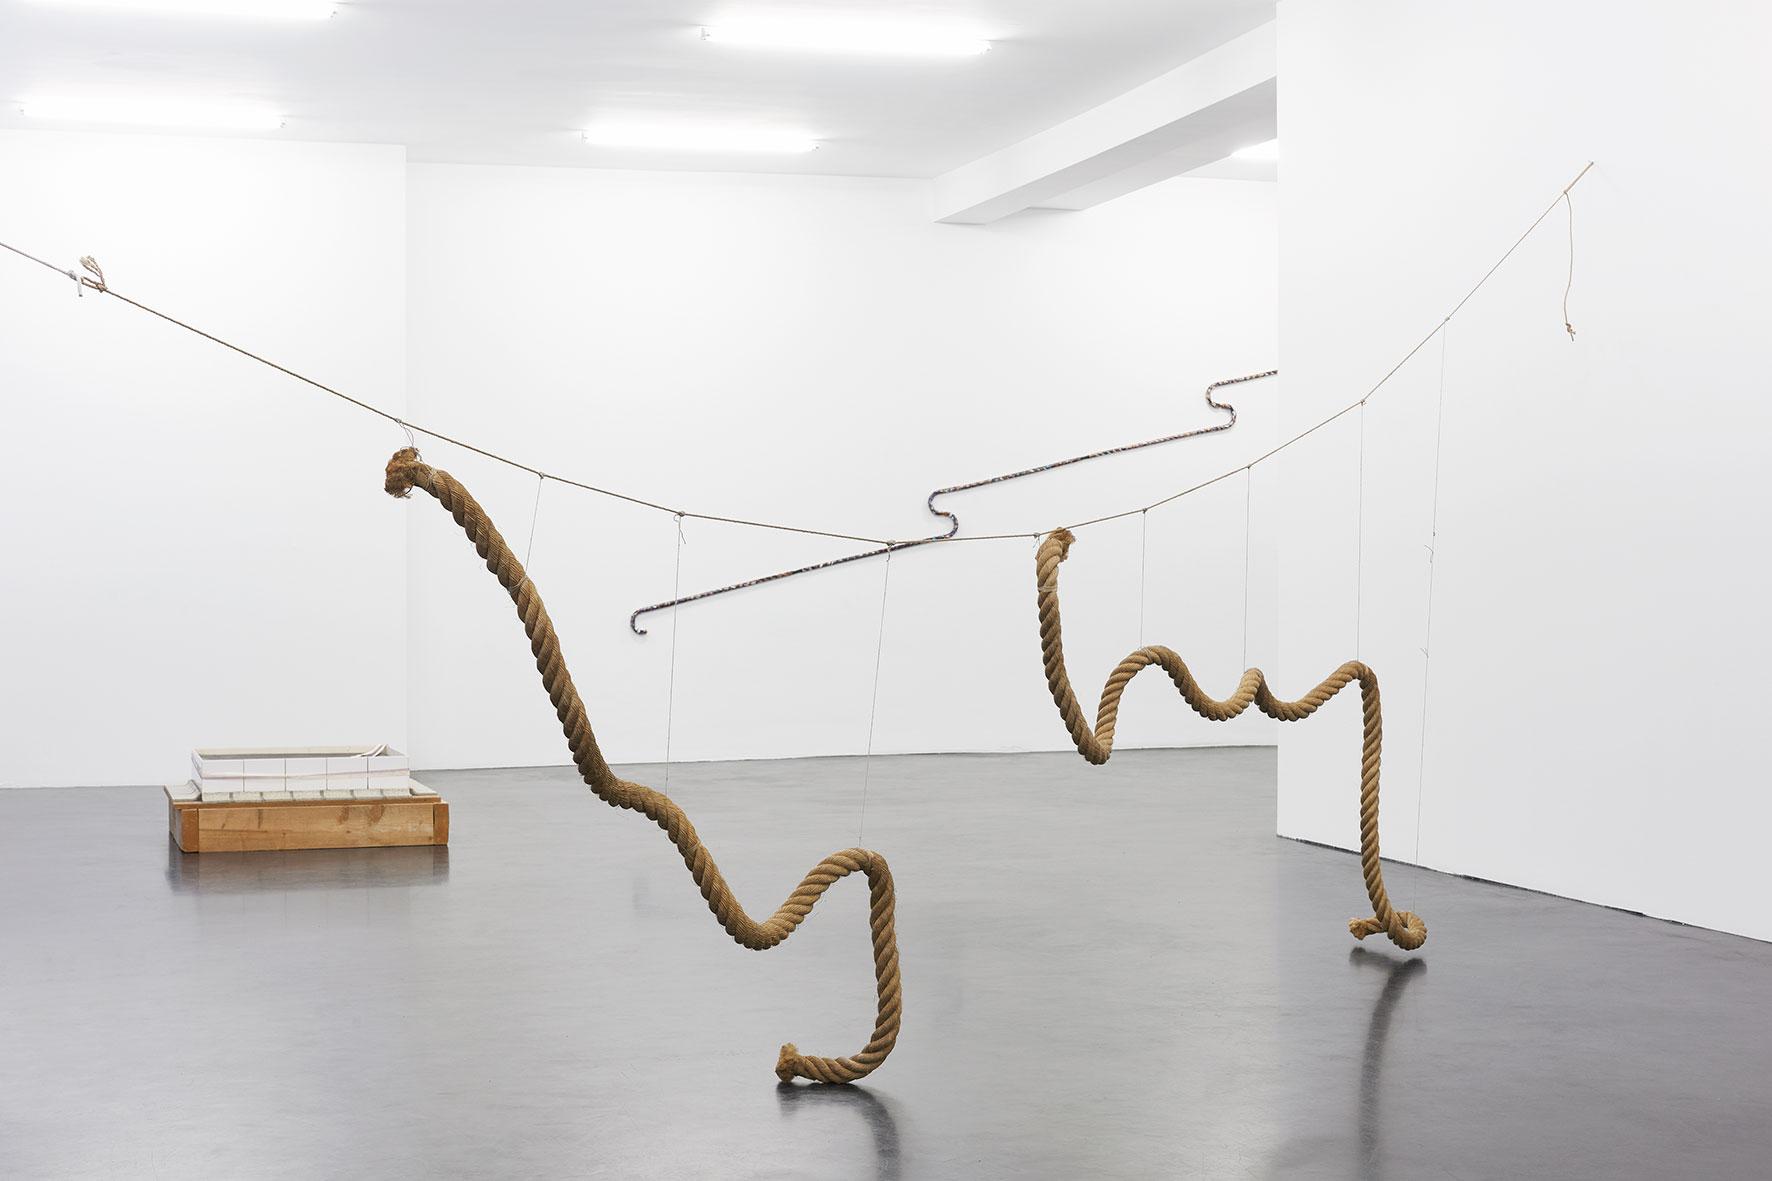 Ger van Elk_Installation View_4_Markus Luettgen Gallery